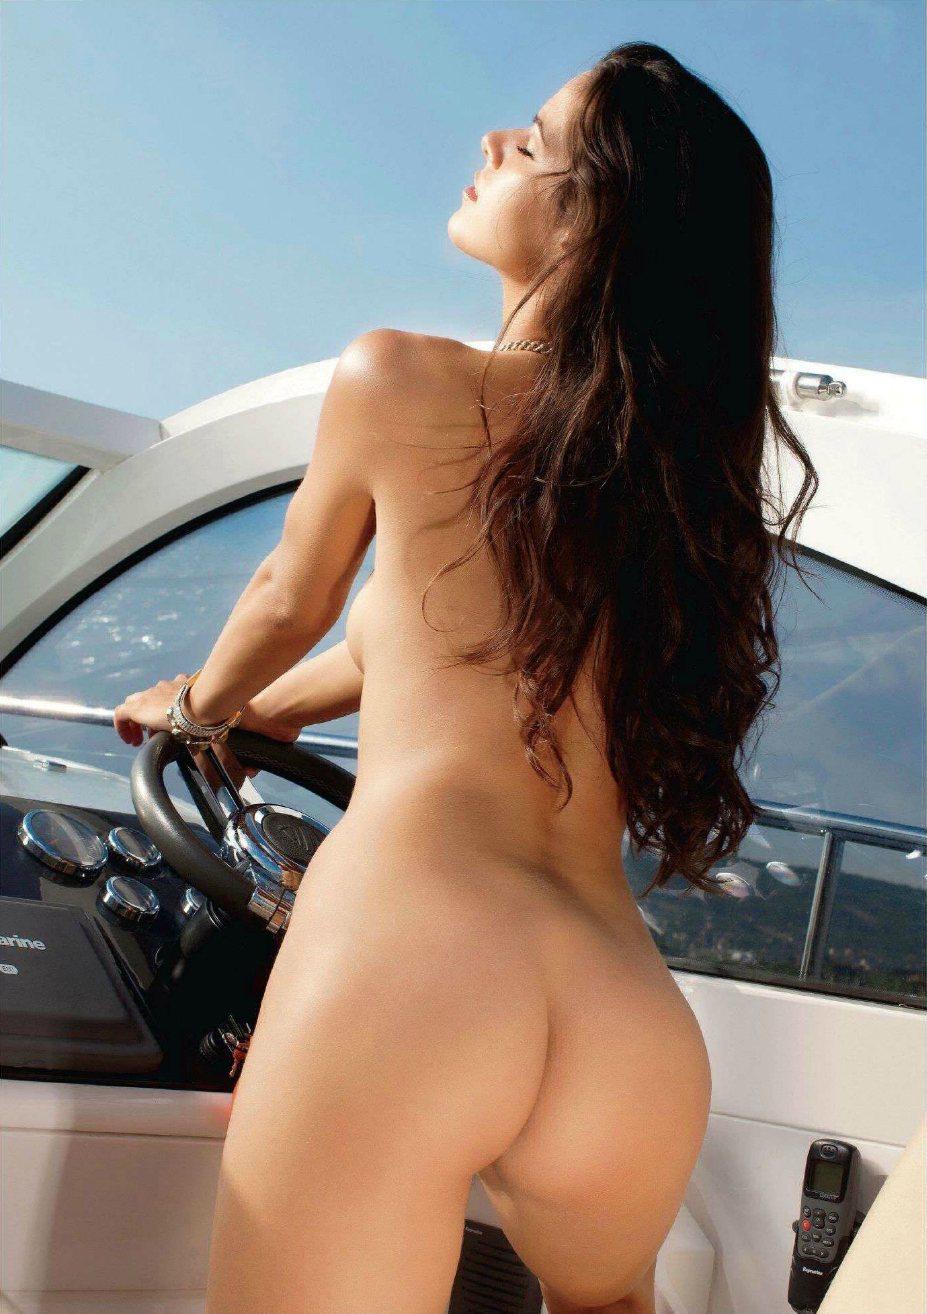 Лучшие попы журнала Playboy Special Collector's Edition   The Butt Issue january 2014 - Gigi (Венгрия)